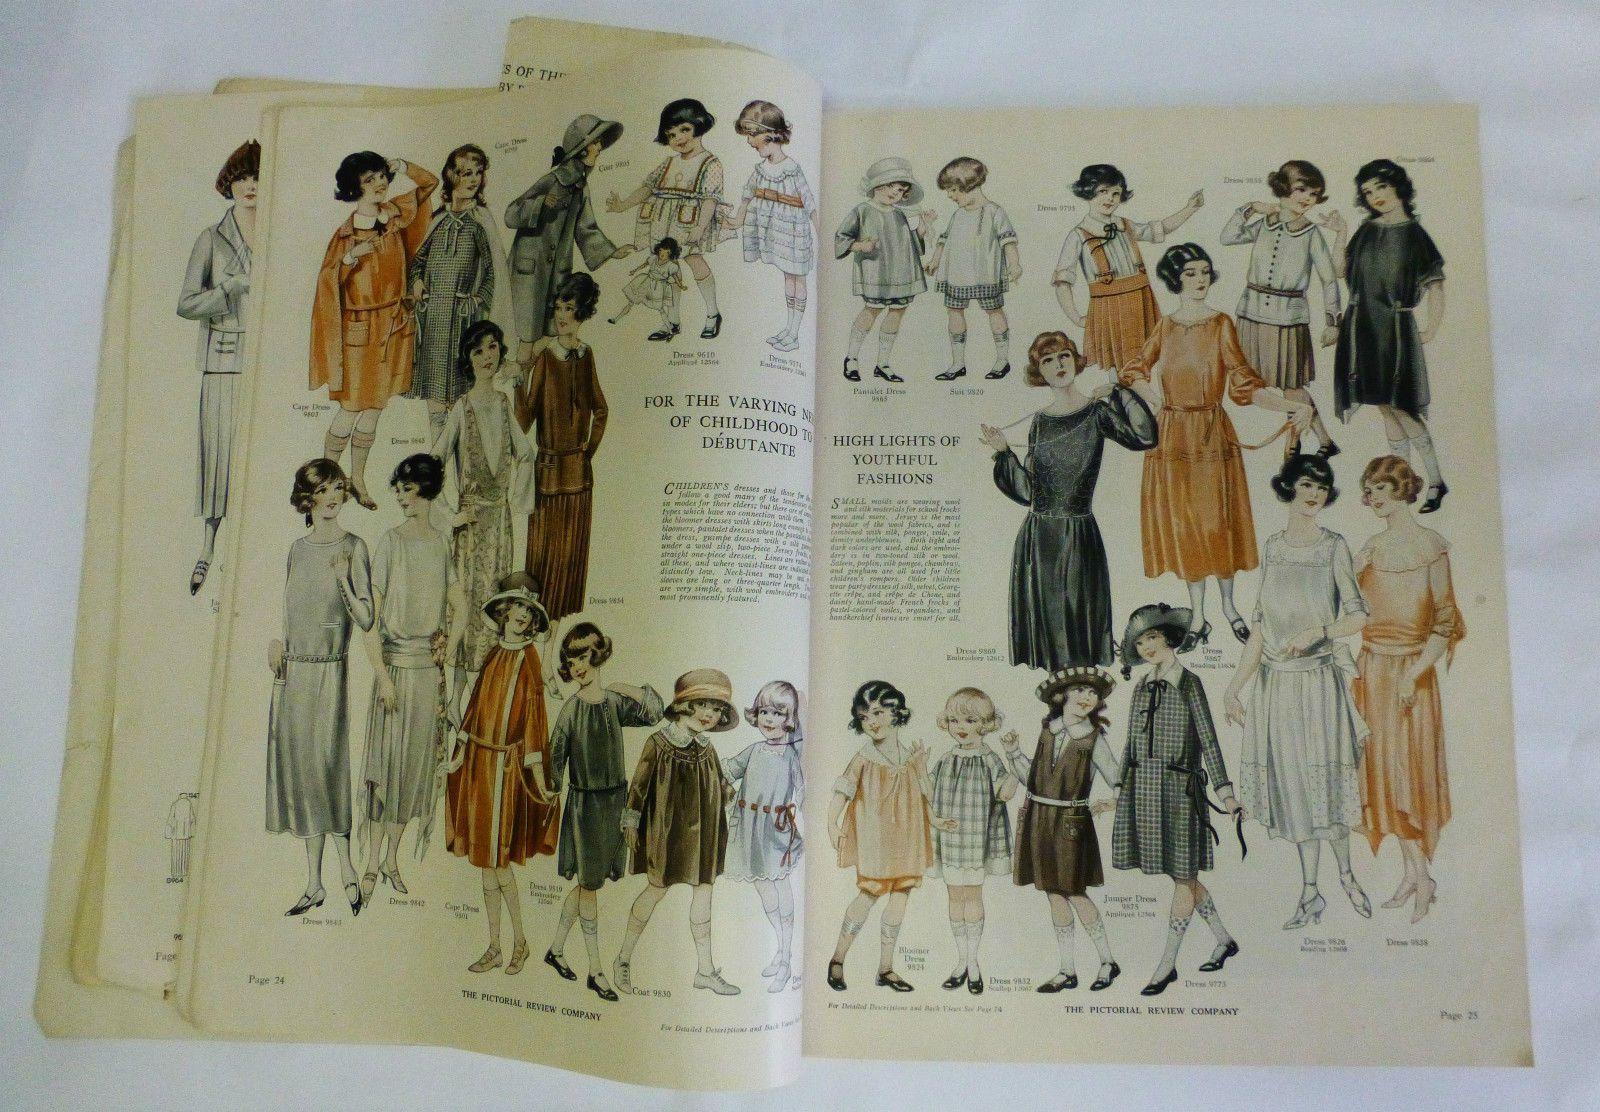 Pictorial Review Fashion Dress Pattern Book 1922 Downton Abbey Art Deco